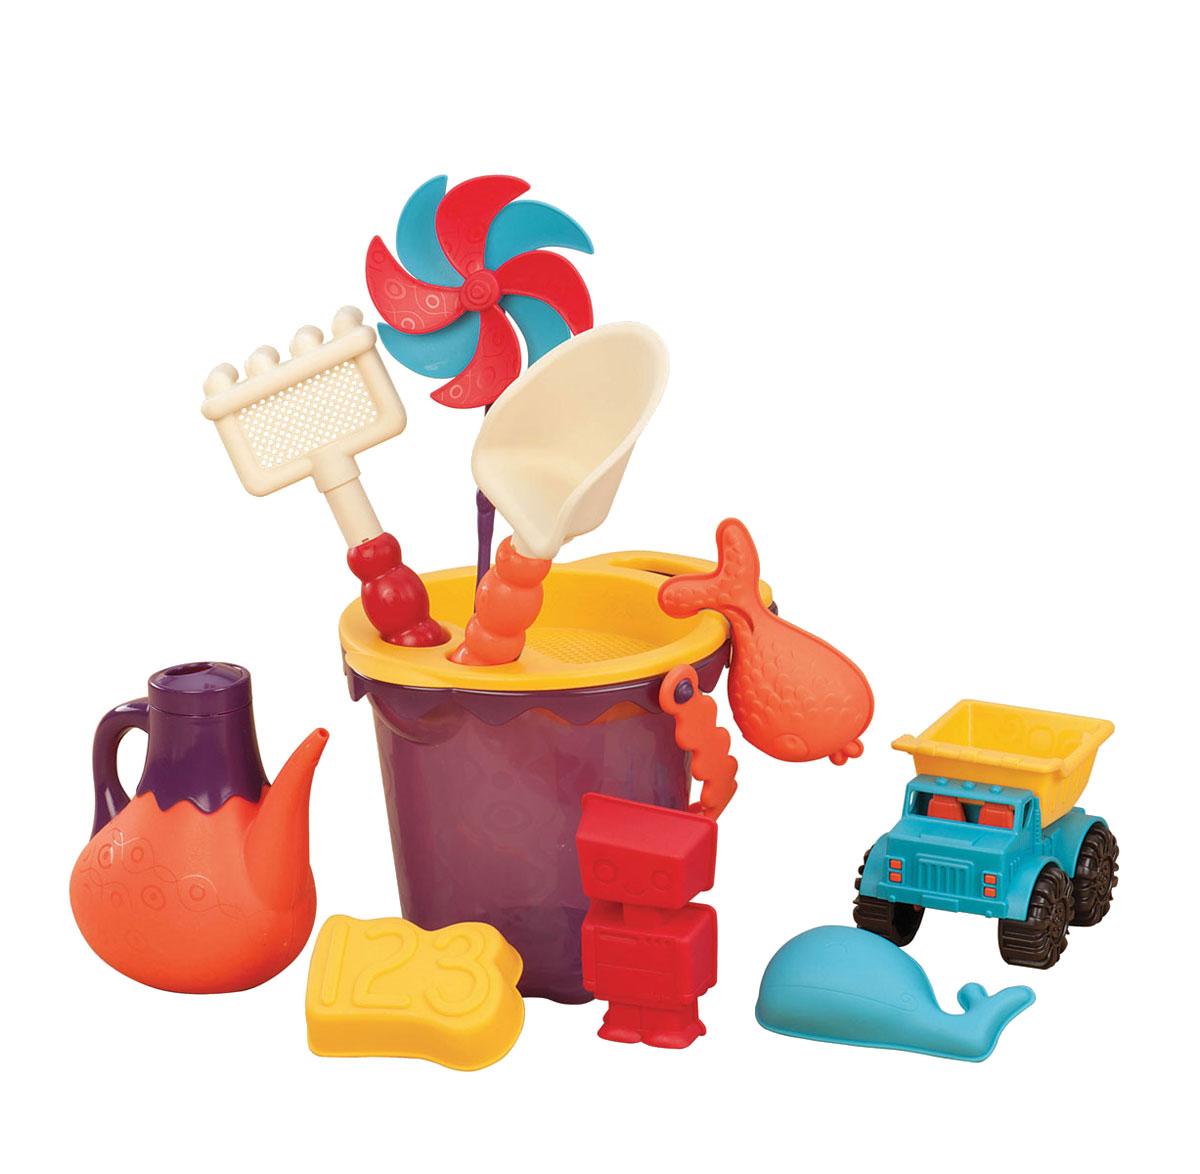 B.Summer Набор для песка Ready Beach Bag цвет красный 12 предметов 68704